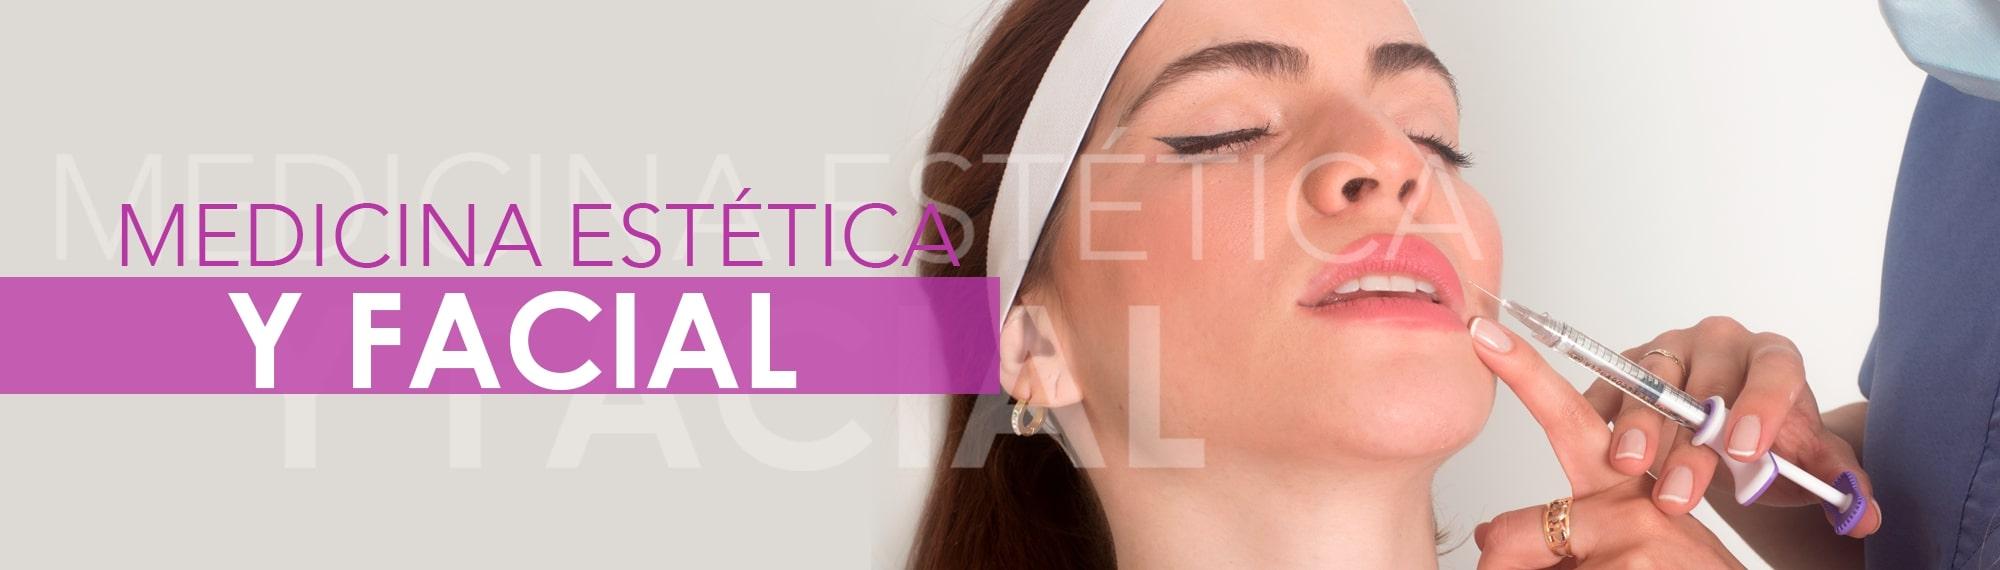 Medicina estética y facial